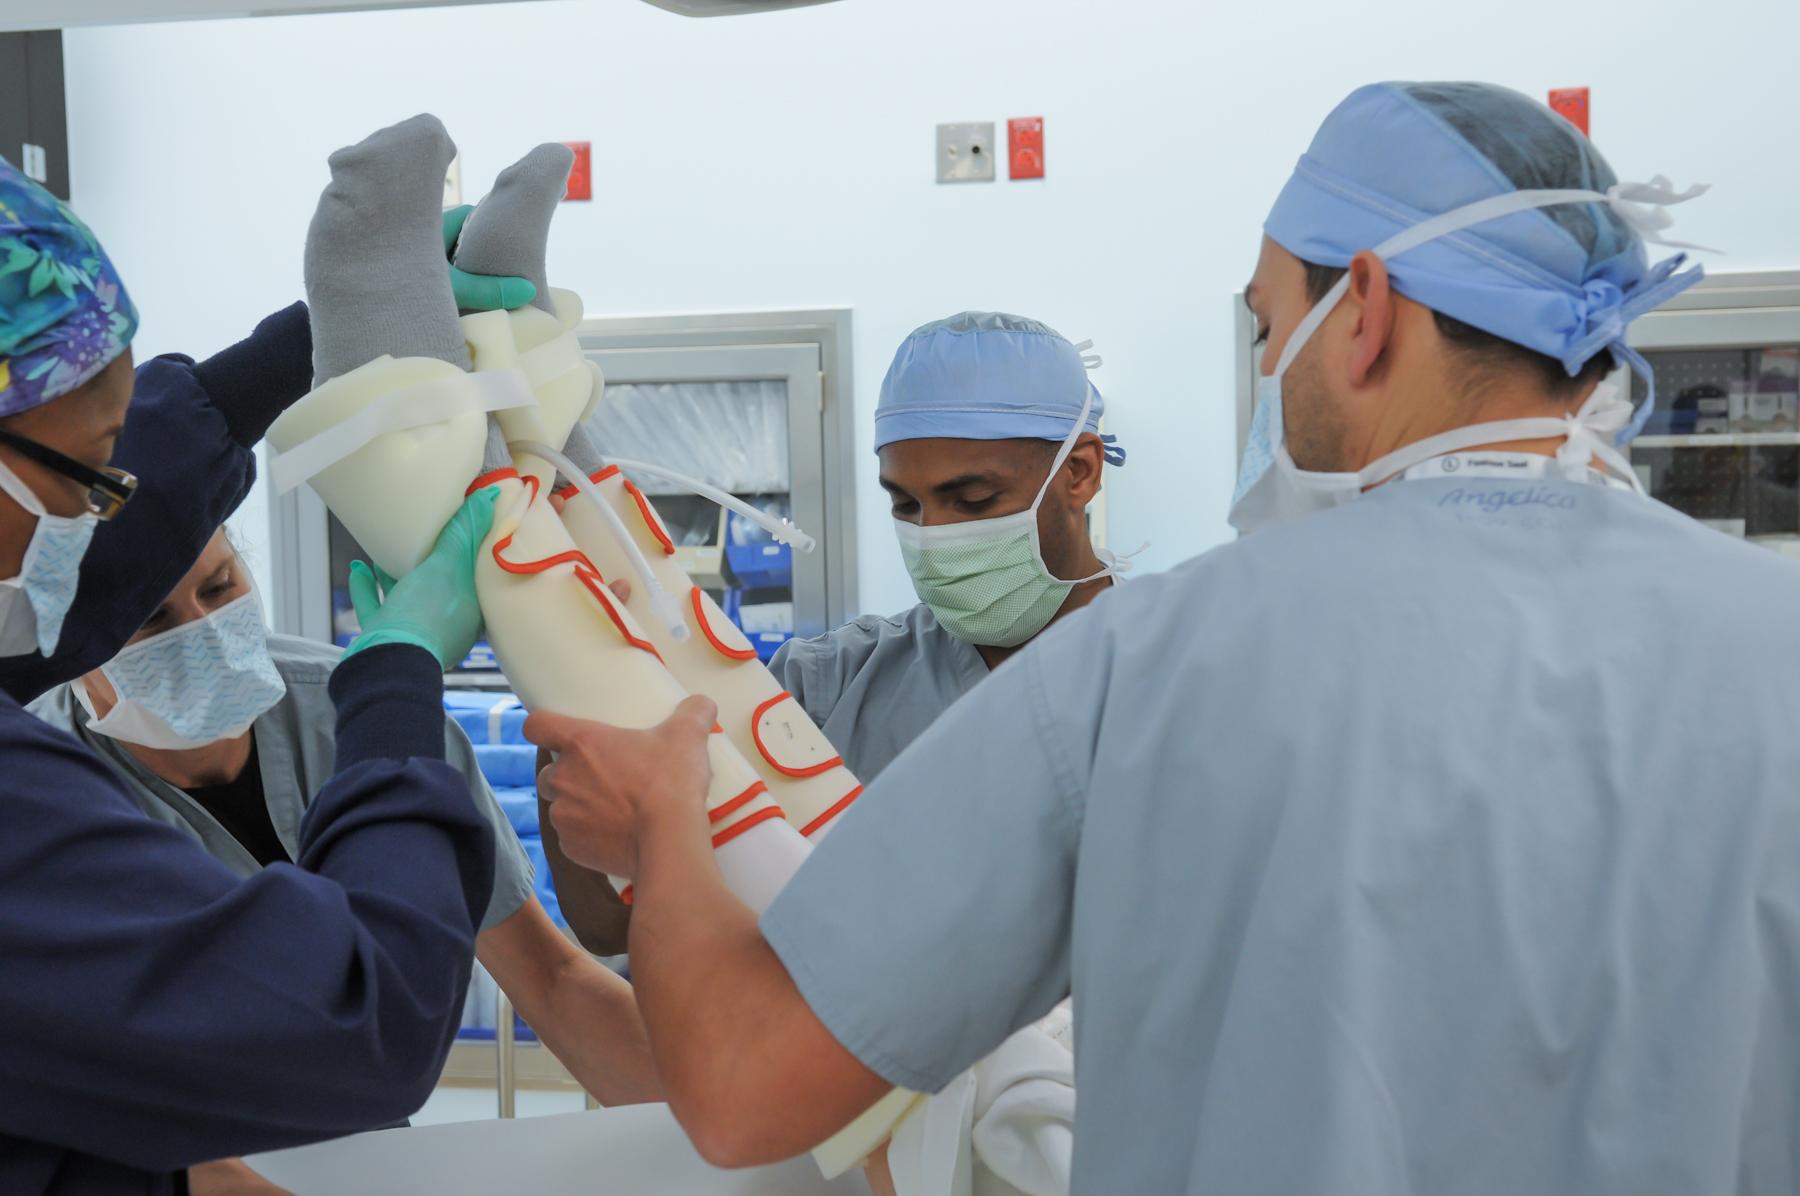 Innovadora cirugía de reemplazo de cadera, mínimamente invasiva, con menos tiempo de inactividad